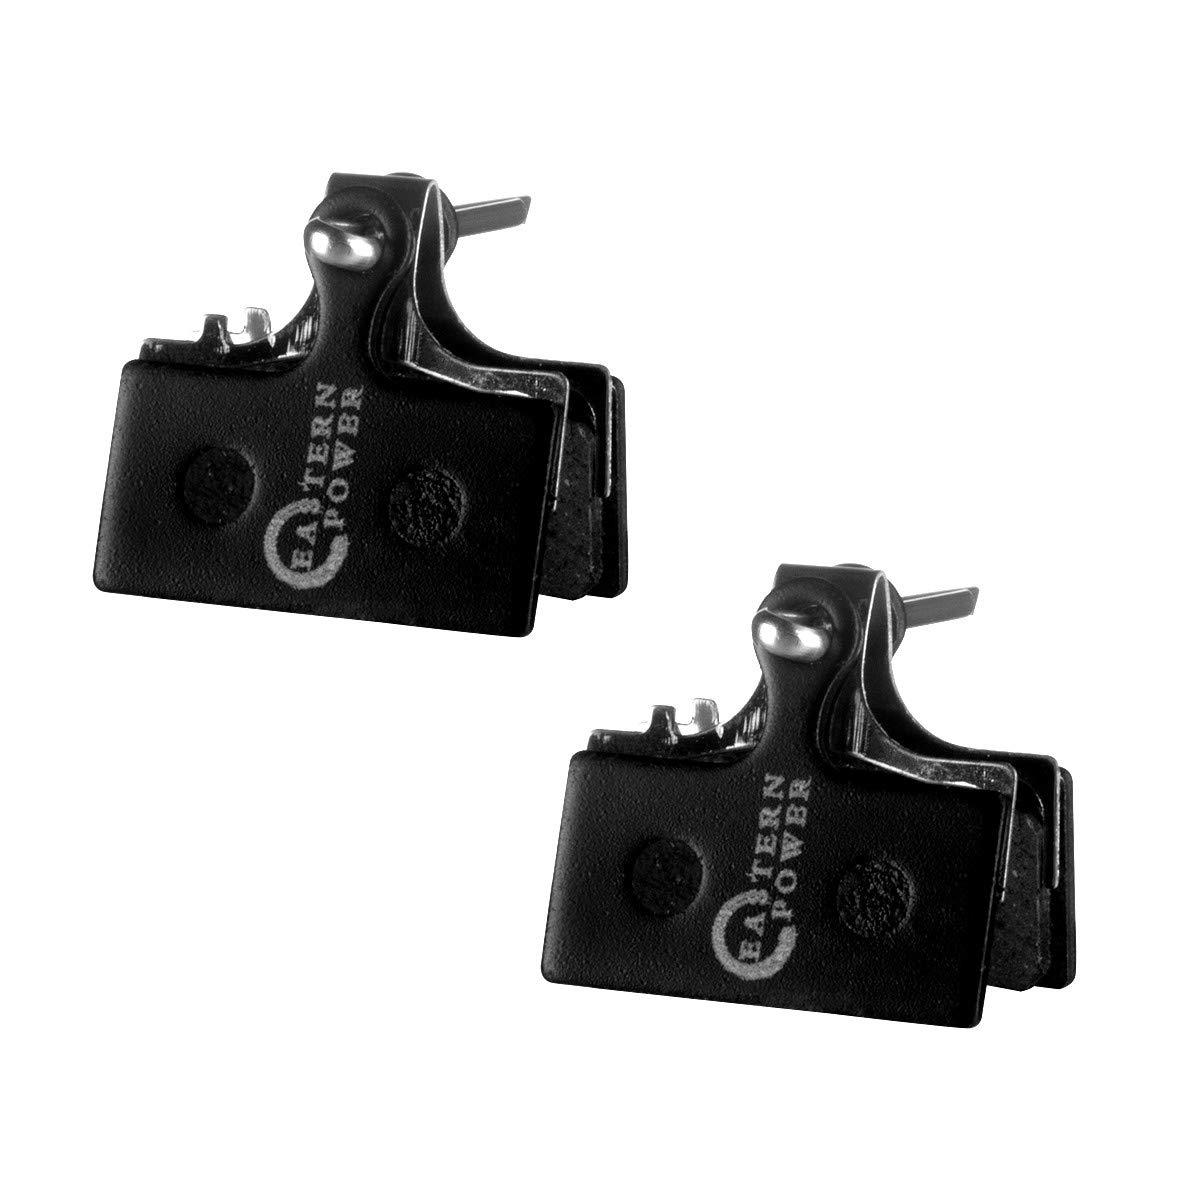 EASTERN POWER 2 Pares Pastillas de Freno para Shimano XT M8000 M785 XTR M9000 M9020 M985 SLX M7000 M675 M666 Deore M615 Resina//Semi-met/álico//Metal